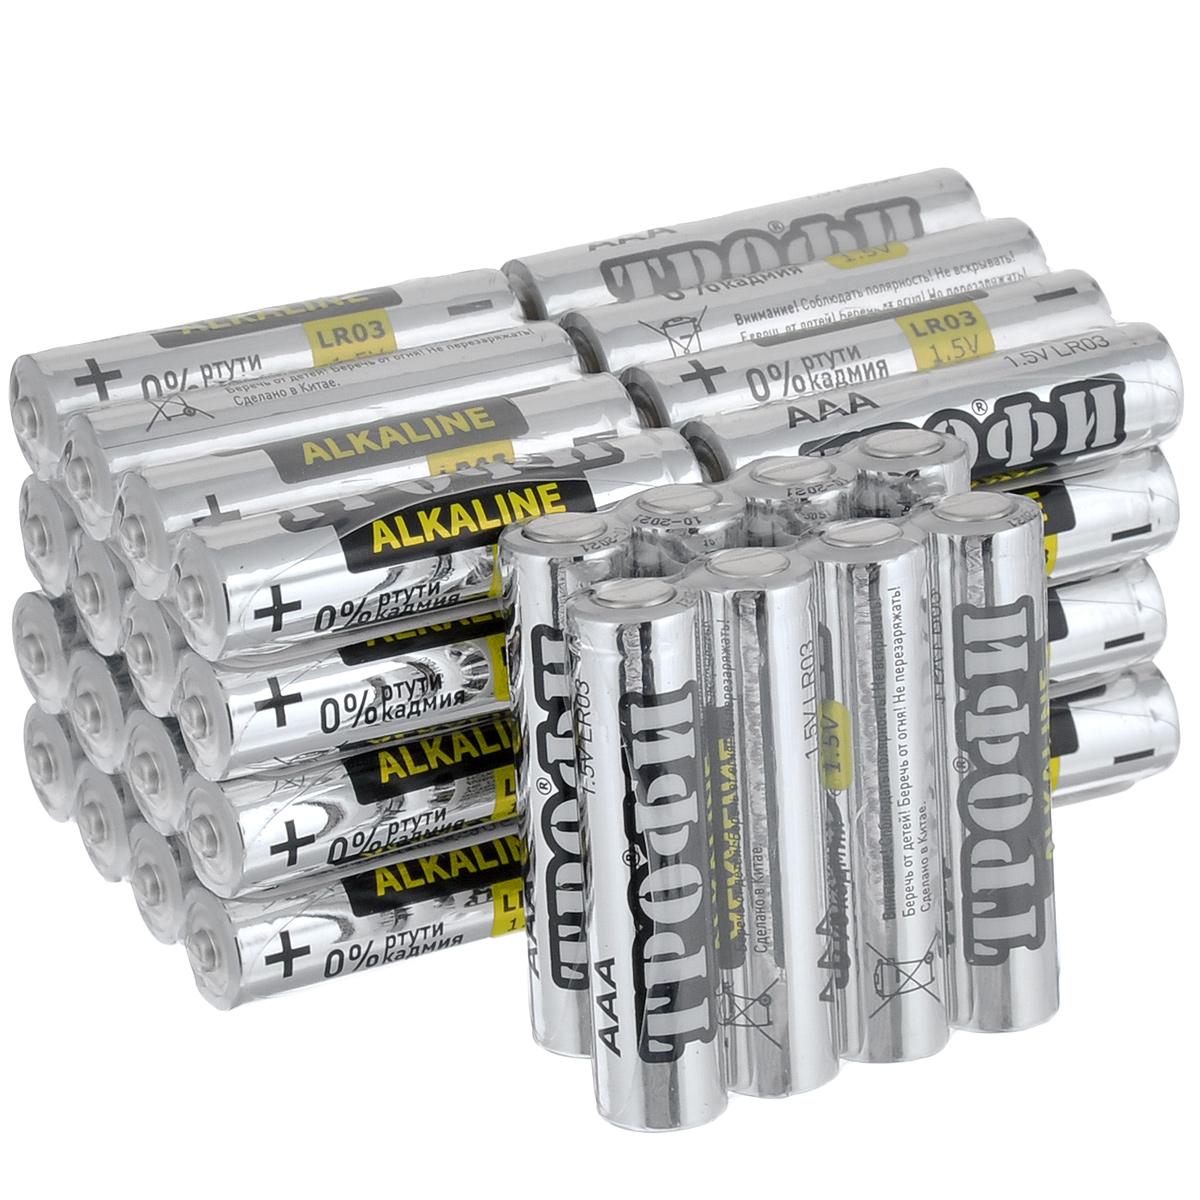 Батарейка алкалиновая Трофи, тип AAA (LR03), 1,5V, 40 шт5060138472181Щелочные (алкалиновые) батарейки Трофи оптимально подходят для повседневного питания множества современных бытовых приборов: электронных игрушек, фонарей, беспроводной компьютерной периферии и многого другого. Не содержат кадмия и ртути. Батарейки созданы для устройств со средним и высоким потреблением энергии. Работают в 10 раз дольше, чем обычные солевые элементы питания.